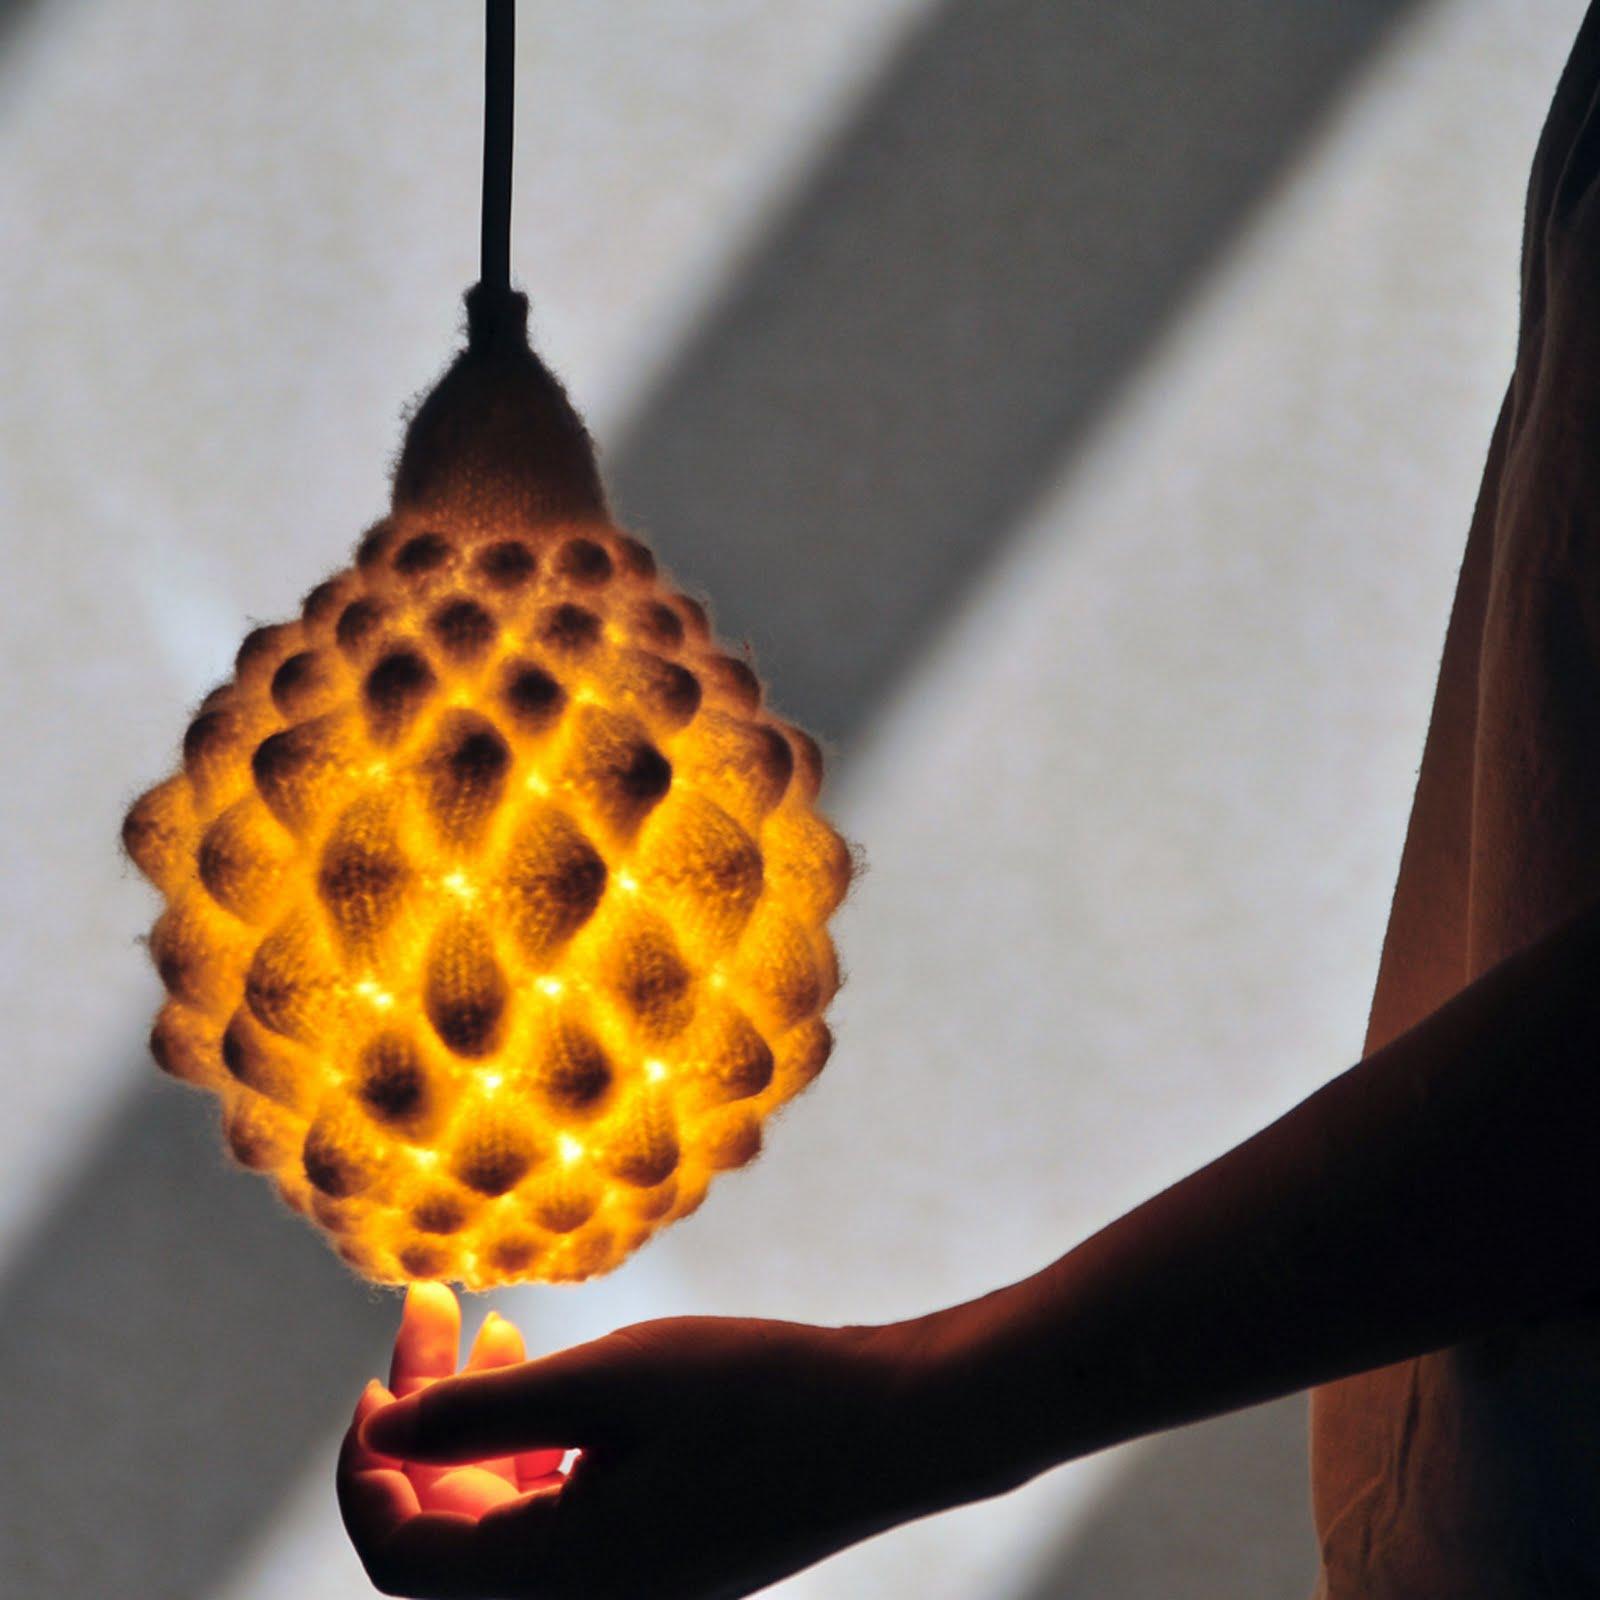 Lampade Per Bagno Ikea : Lampada per specchio bagno ikea ...